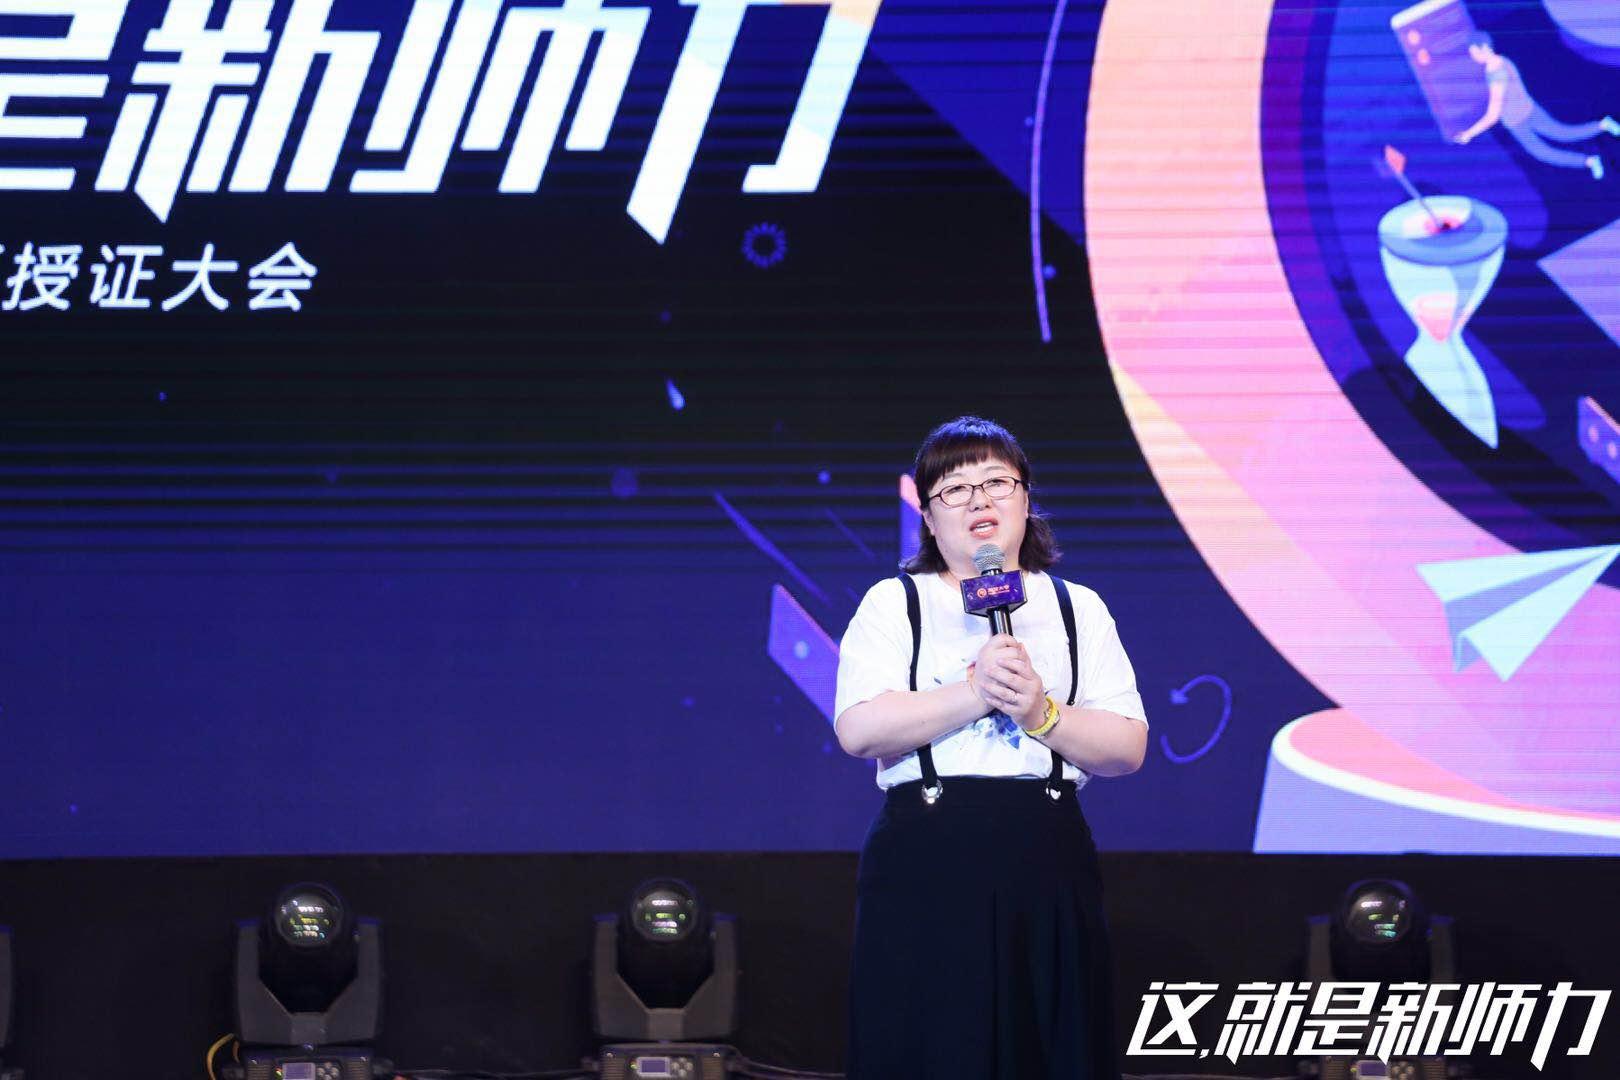 谭小目在2018淘宝大学讲师授证大会上